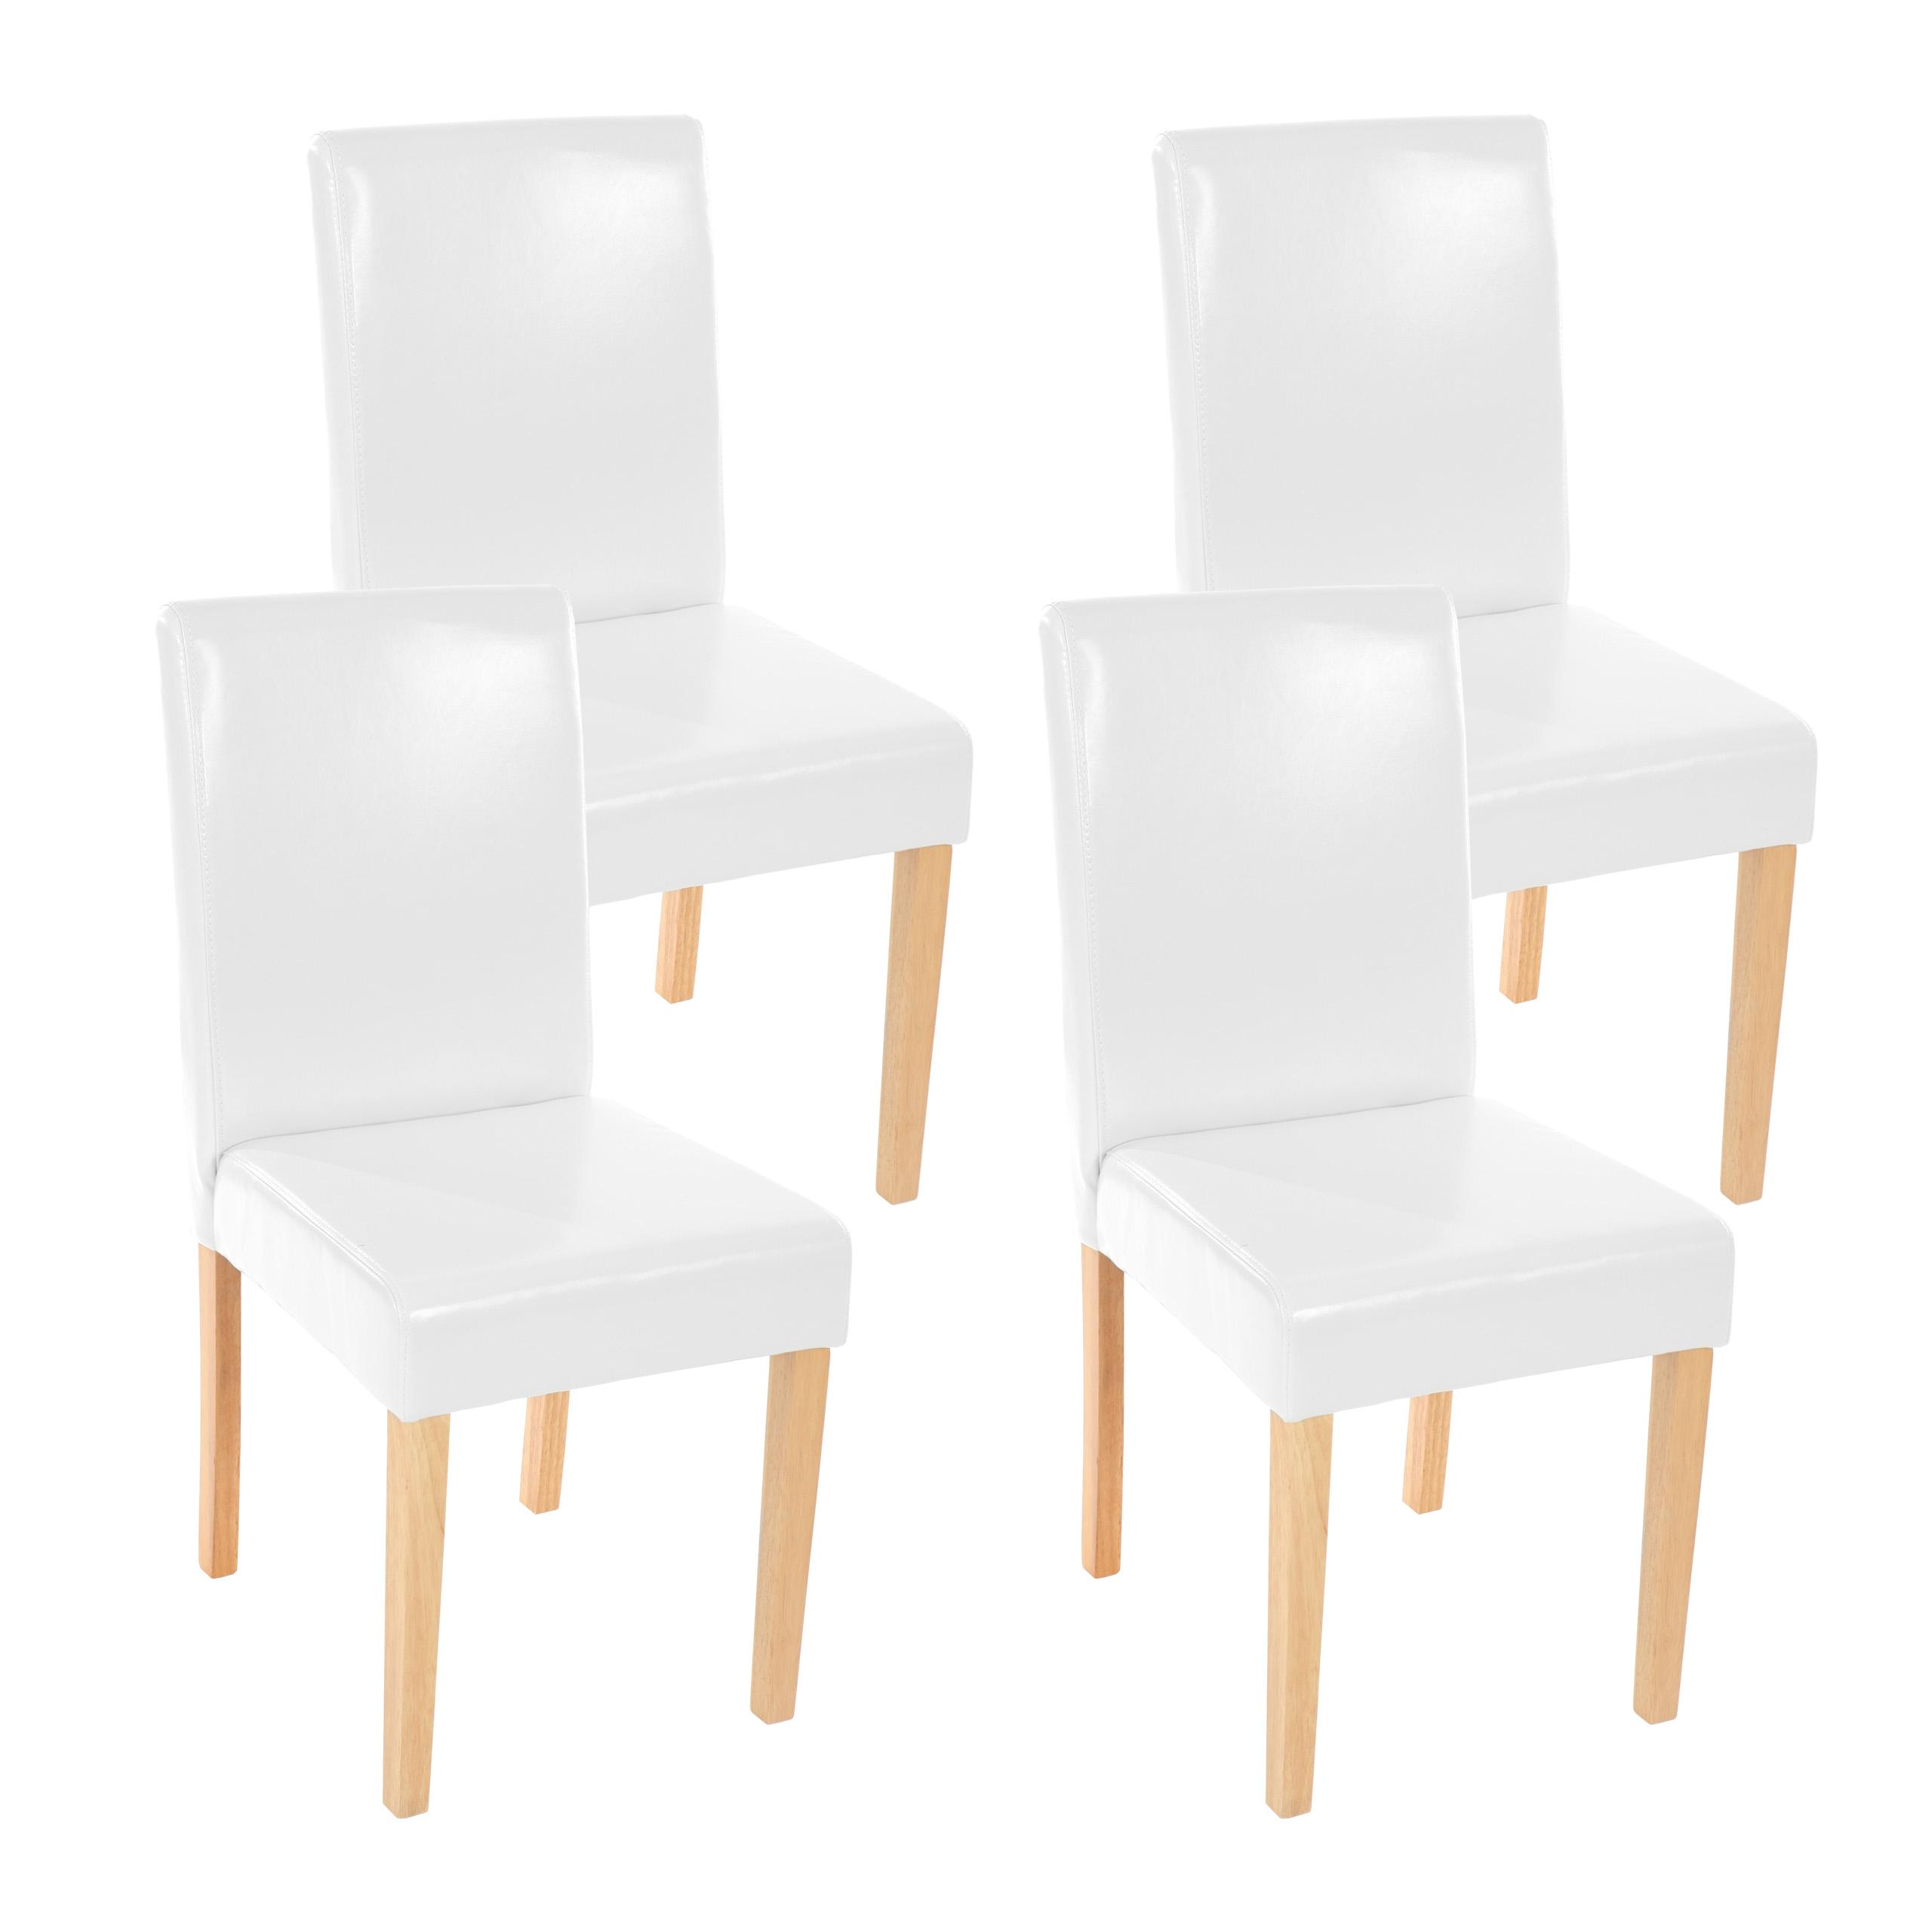 4x esszimmerstuhl stuhl littau leder kunstleder helle/dunkle beine, Esszimmer dekoo